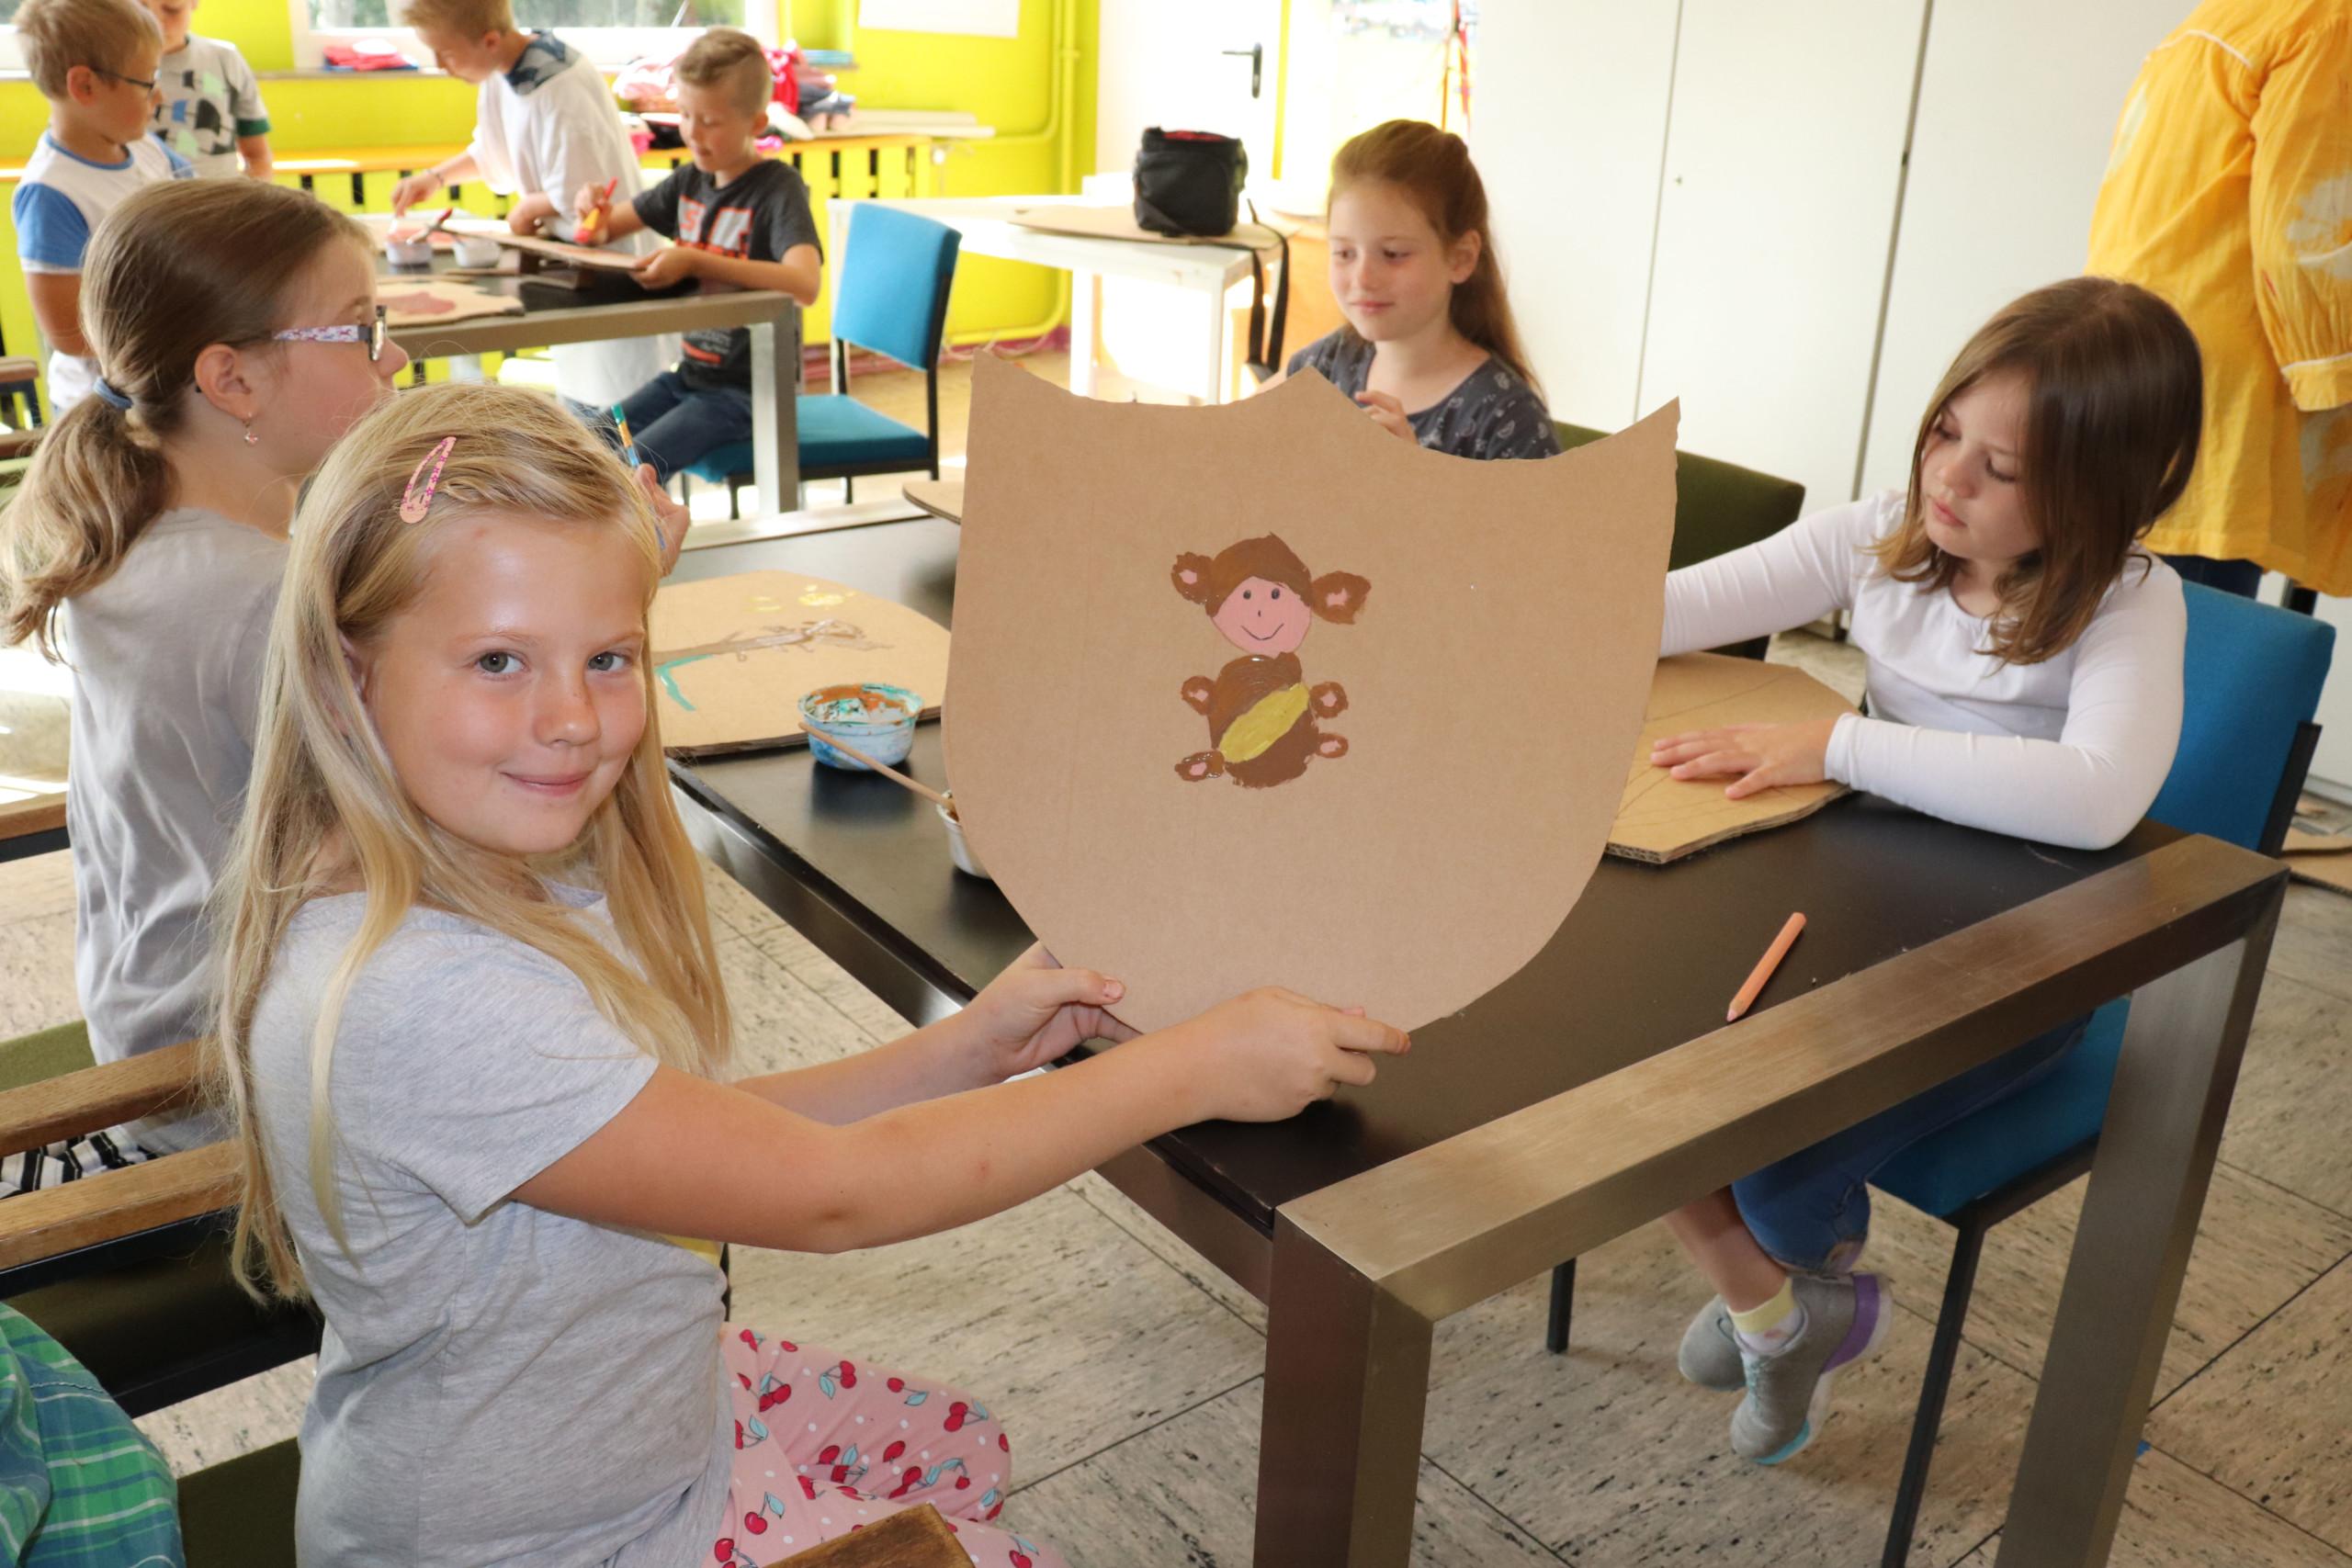 Vivien Fresenborg präsentiert stolz ihr Wappenschild mit einem Affen. Aufnahme: Gemeinde Barßel